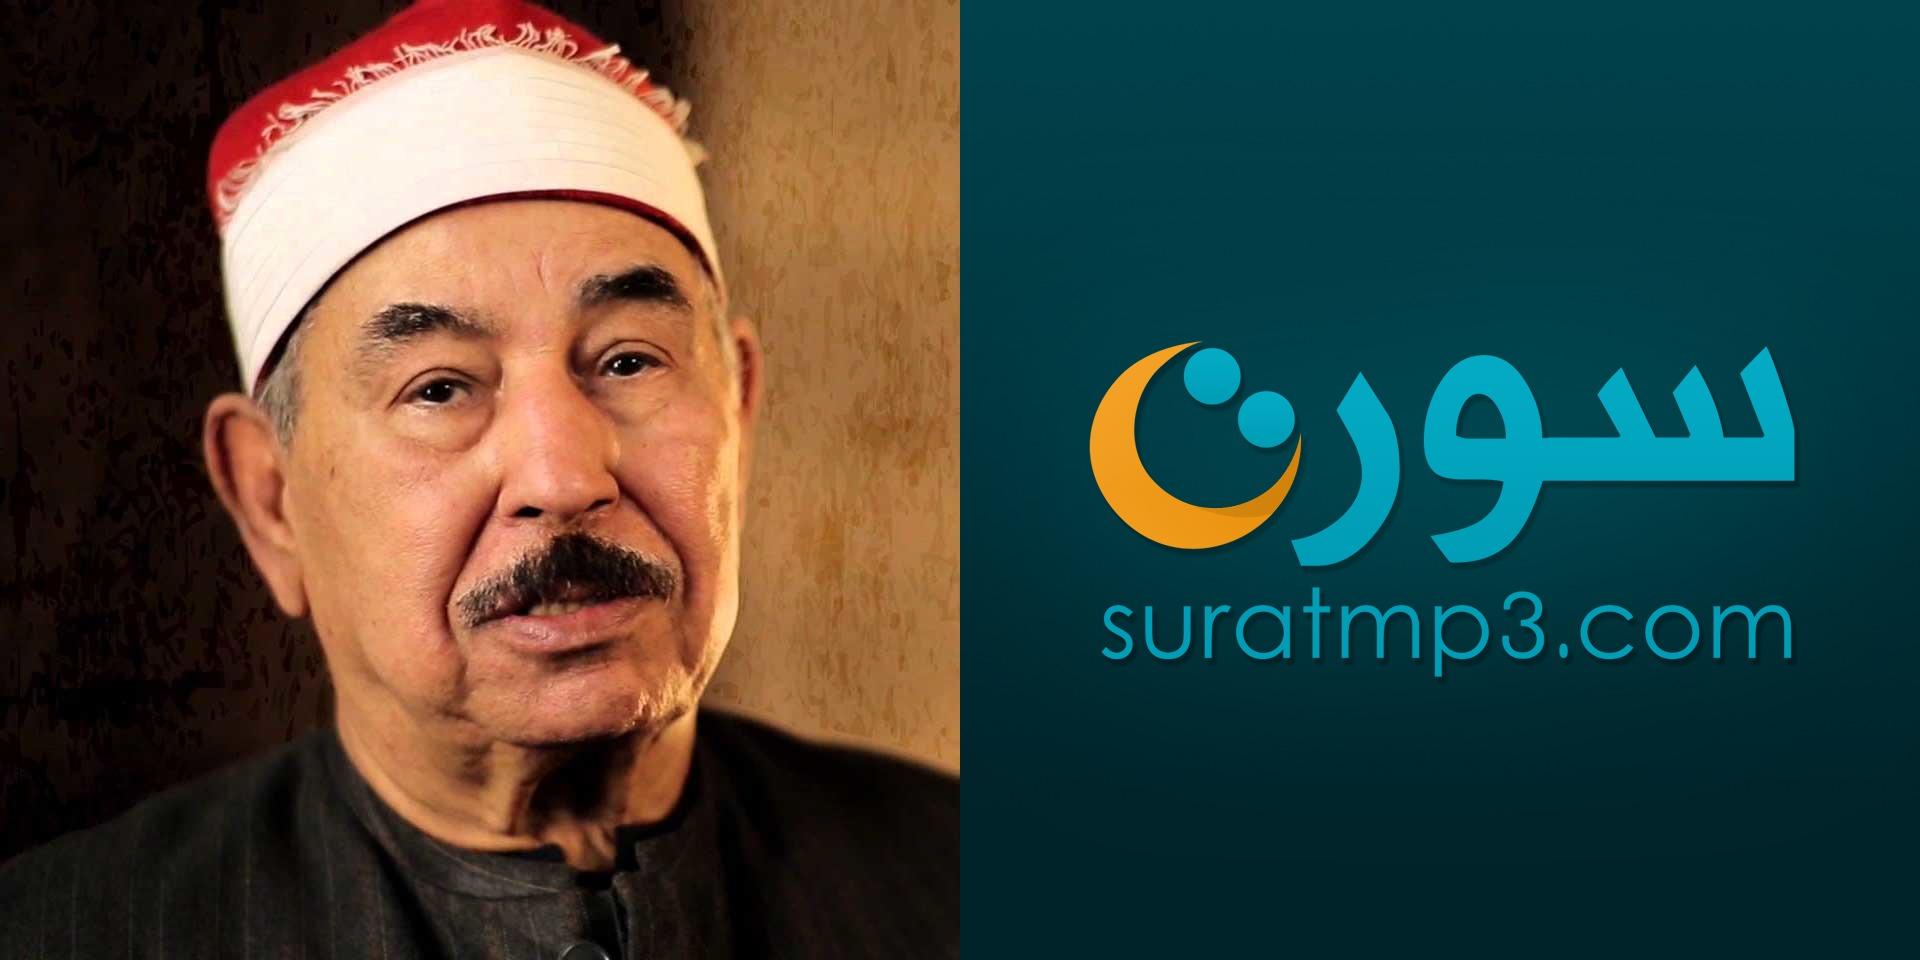 تحميل محمد محمود الطبلاوى تجويد mp3